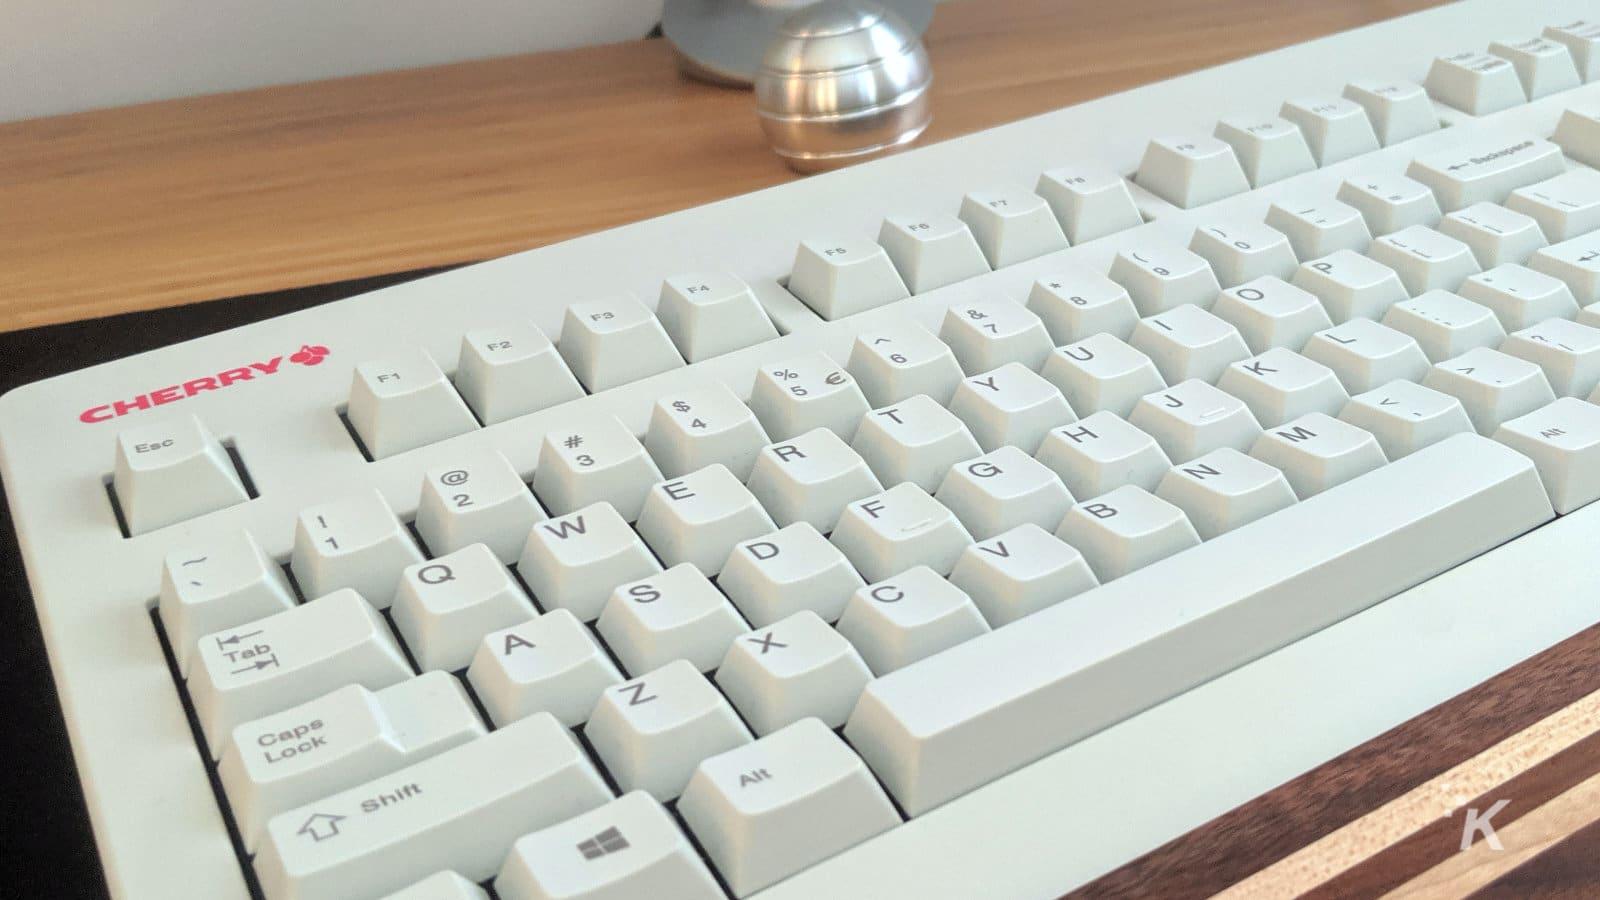 cherry office keyboard